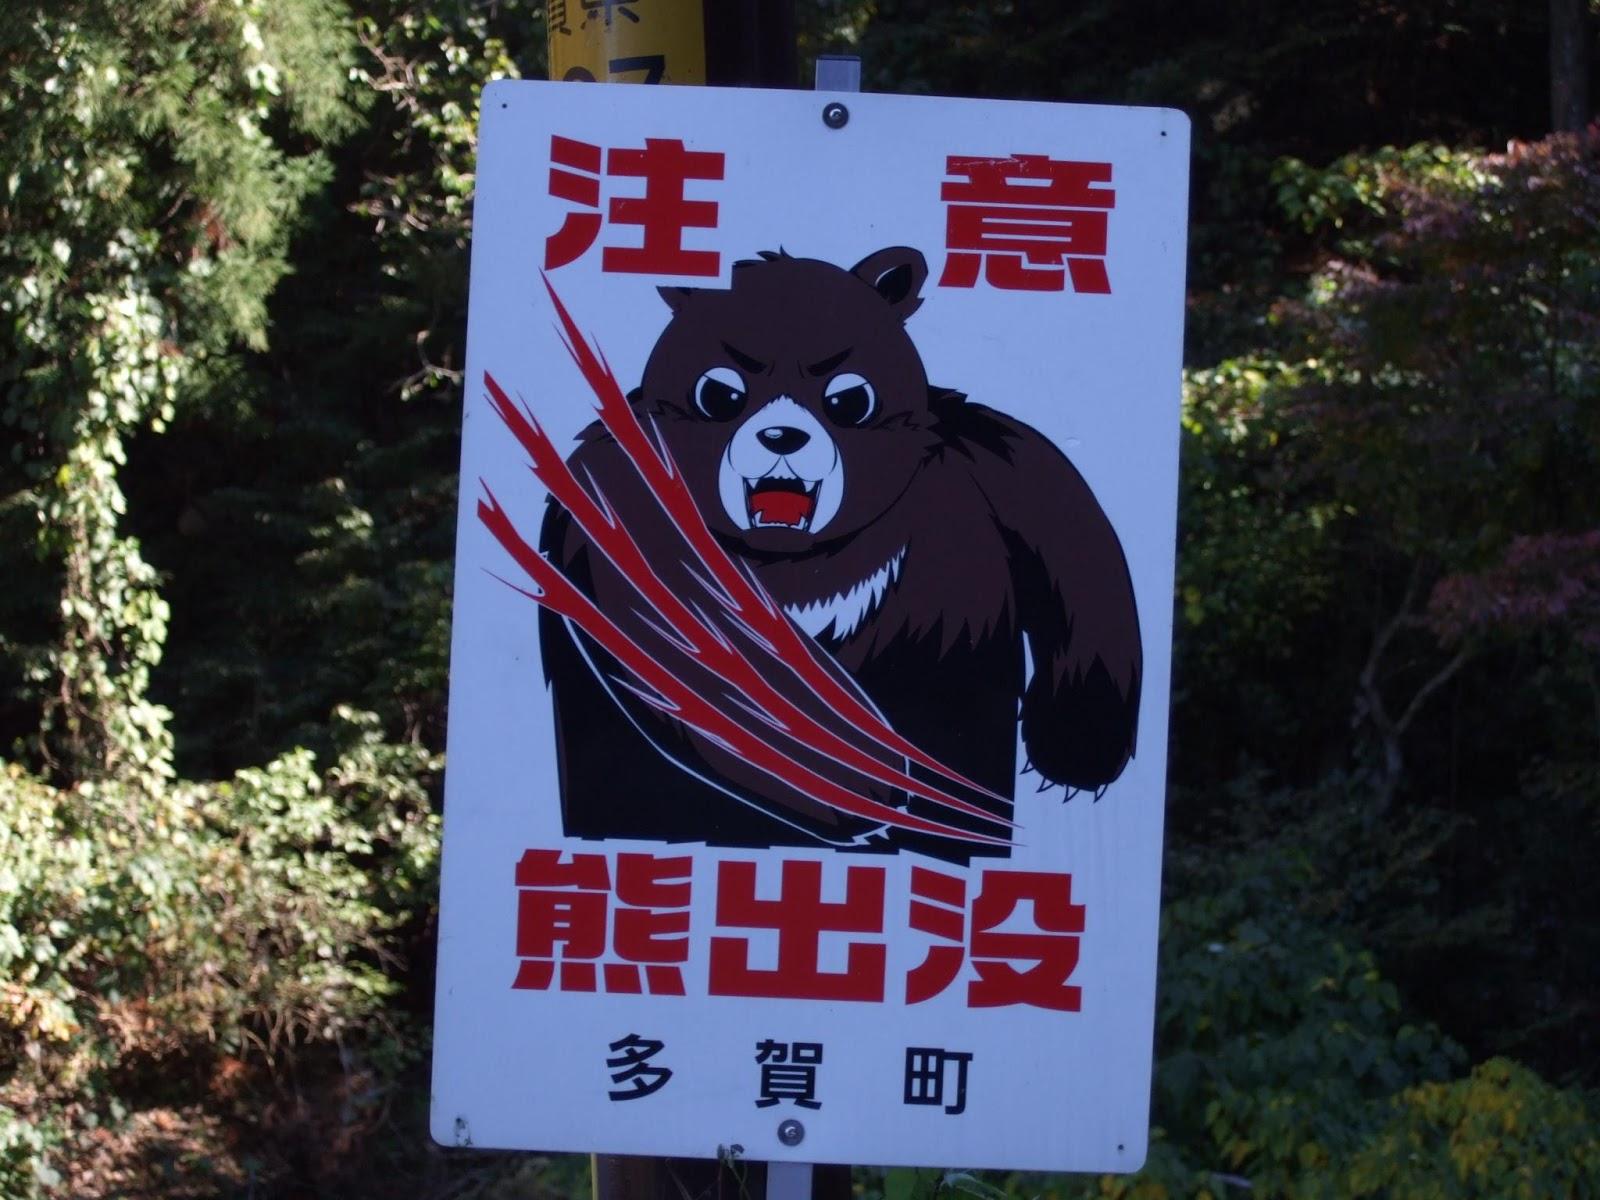 touge, kręte, górskie drogi, Japonia, JDM, mountain pass, przełęcz, serpentyna, znak, ostrzeżenie, informacja, niedźwiedź, zwierzęta na drodze